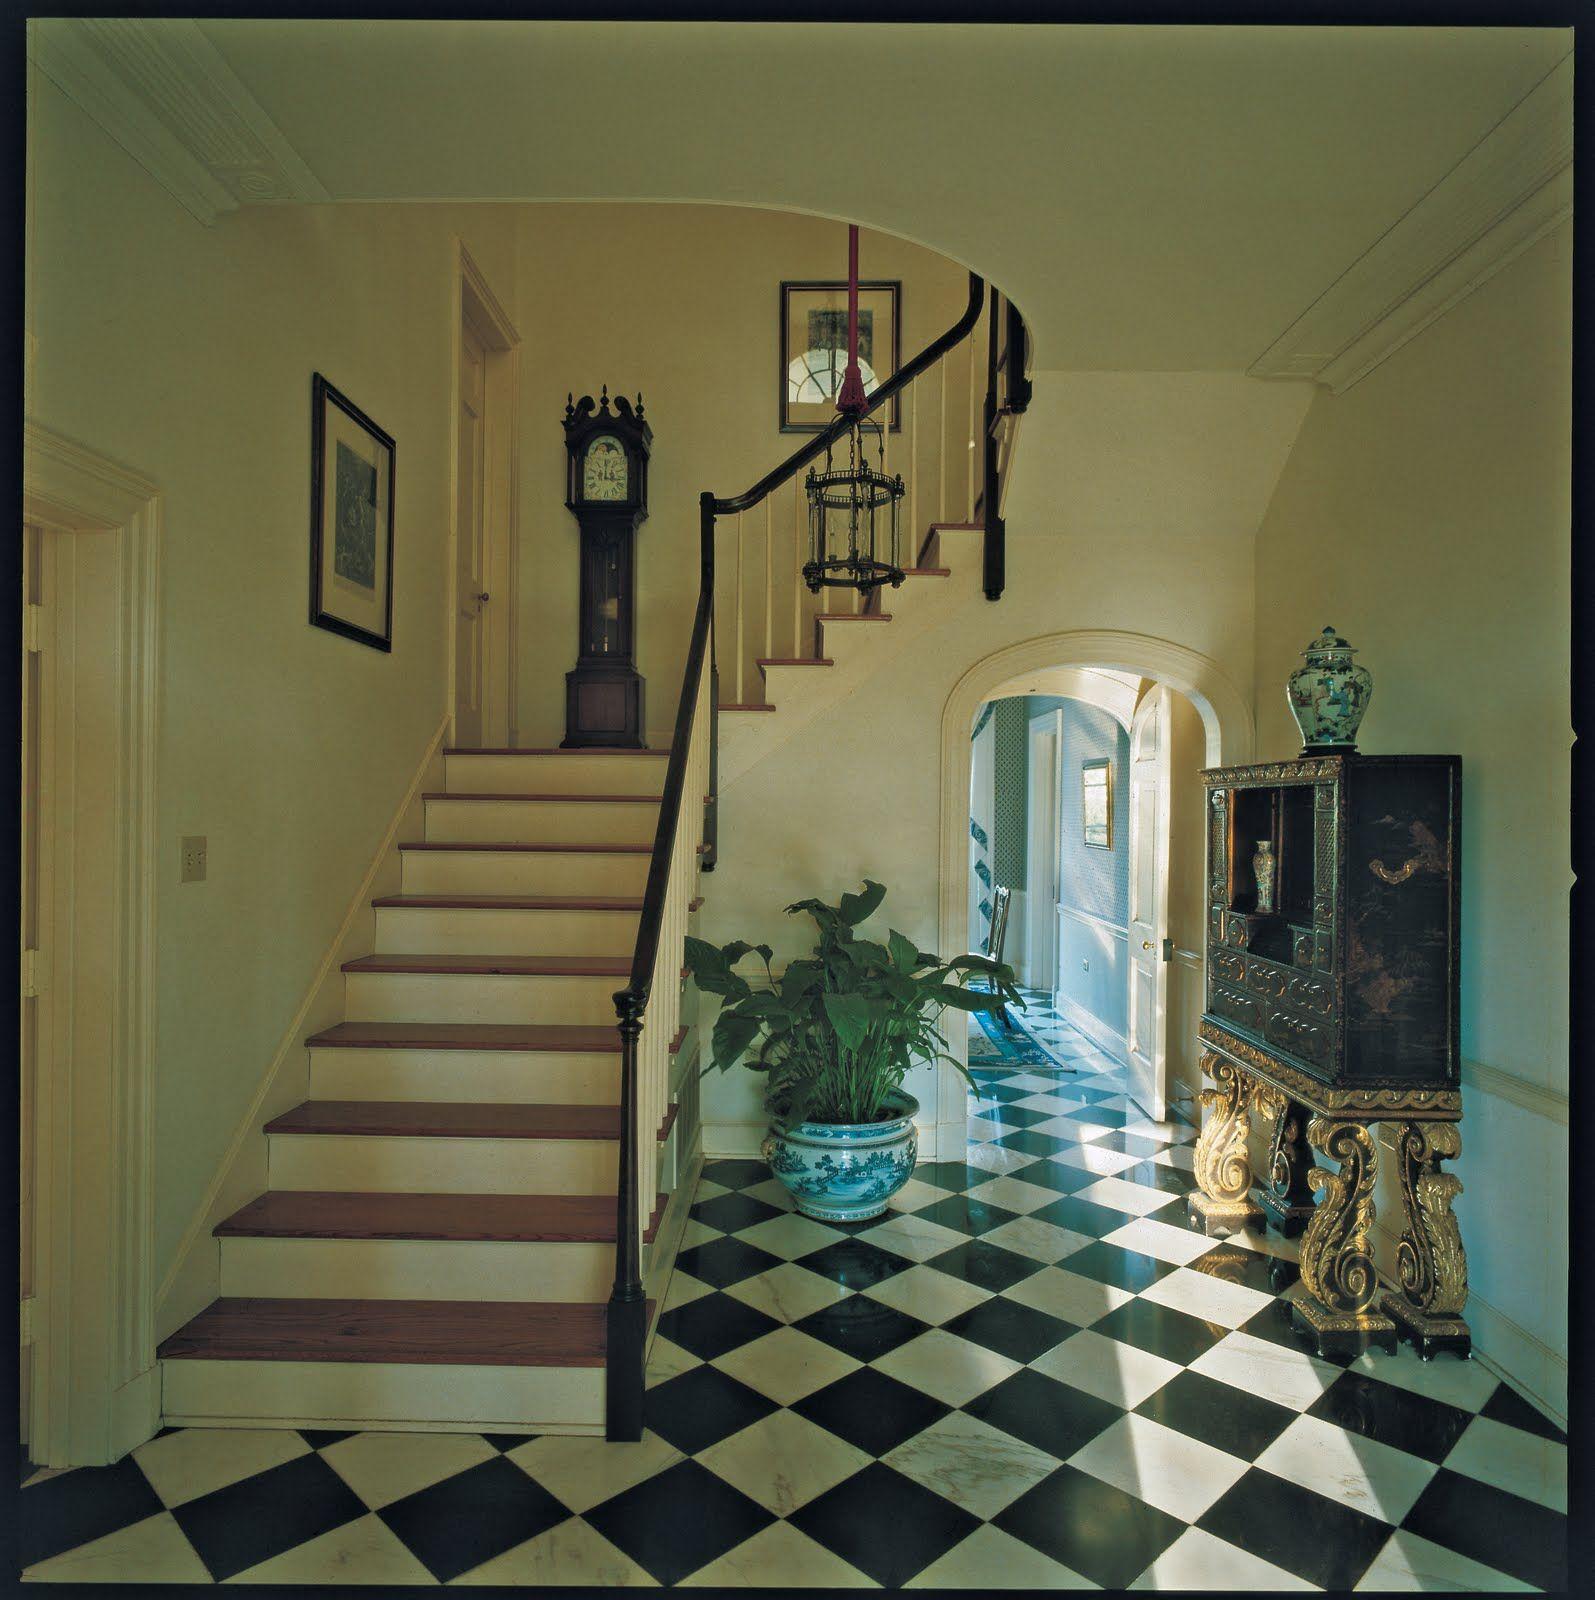 Mark Hampton Entrance Hall Of Louisiana House With Black